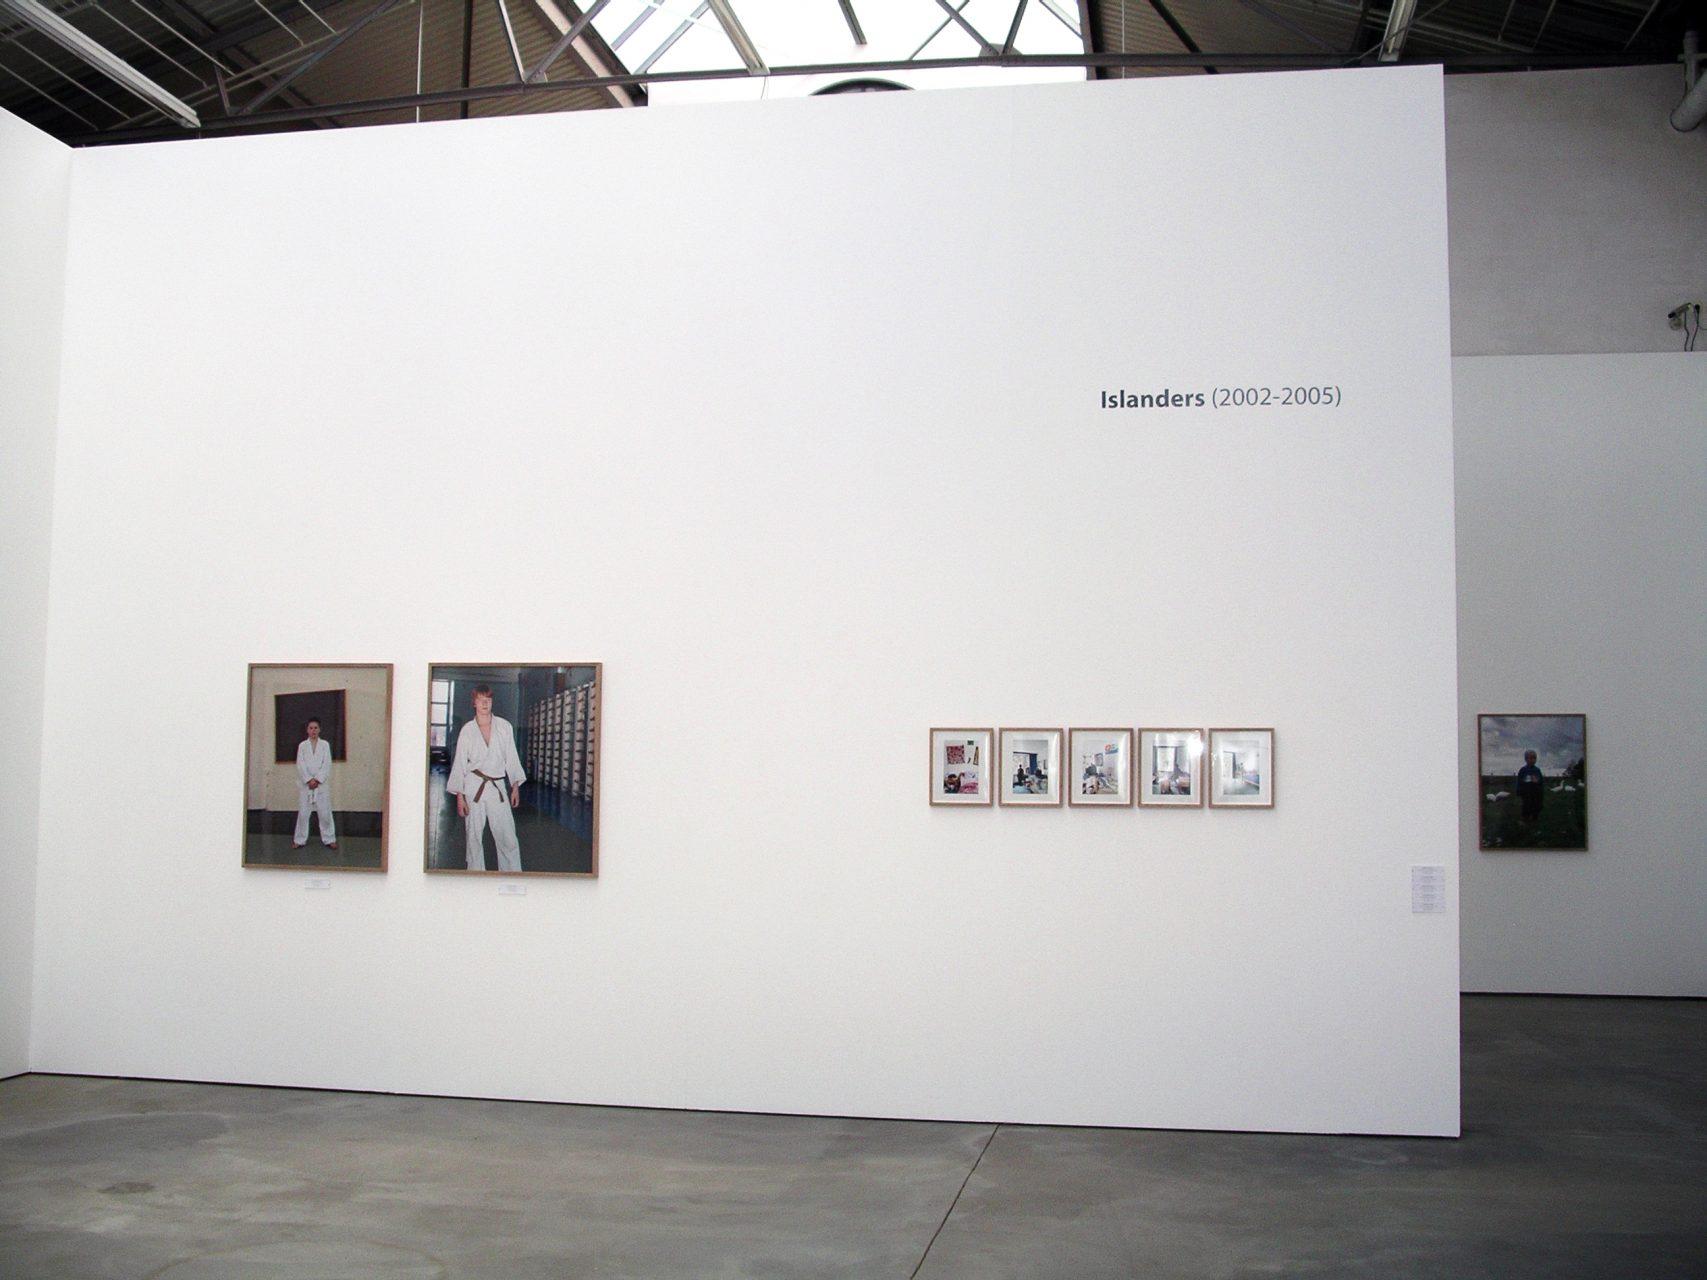 Anastasia Khoroshilova, Islanders 2003-2006, Kunsthalle Lingen, Lingen, 2007